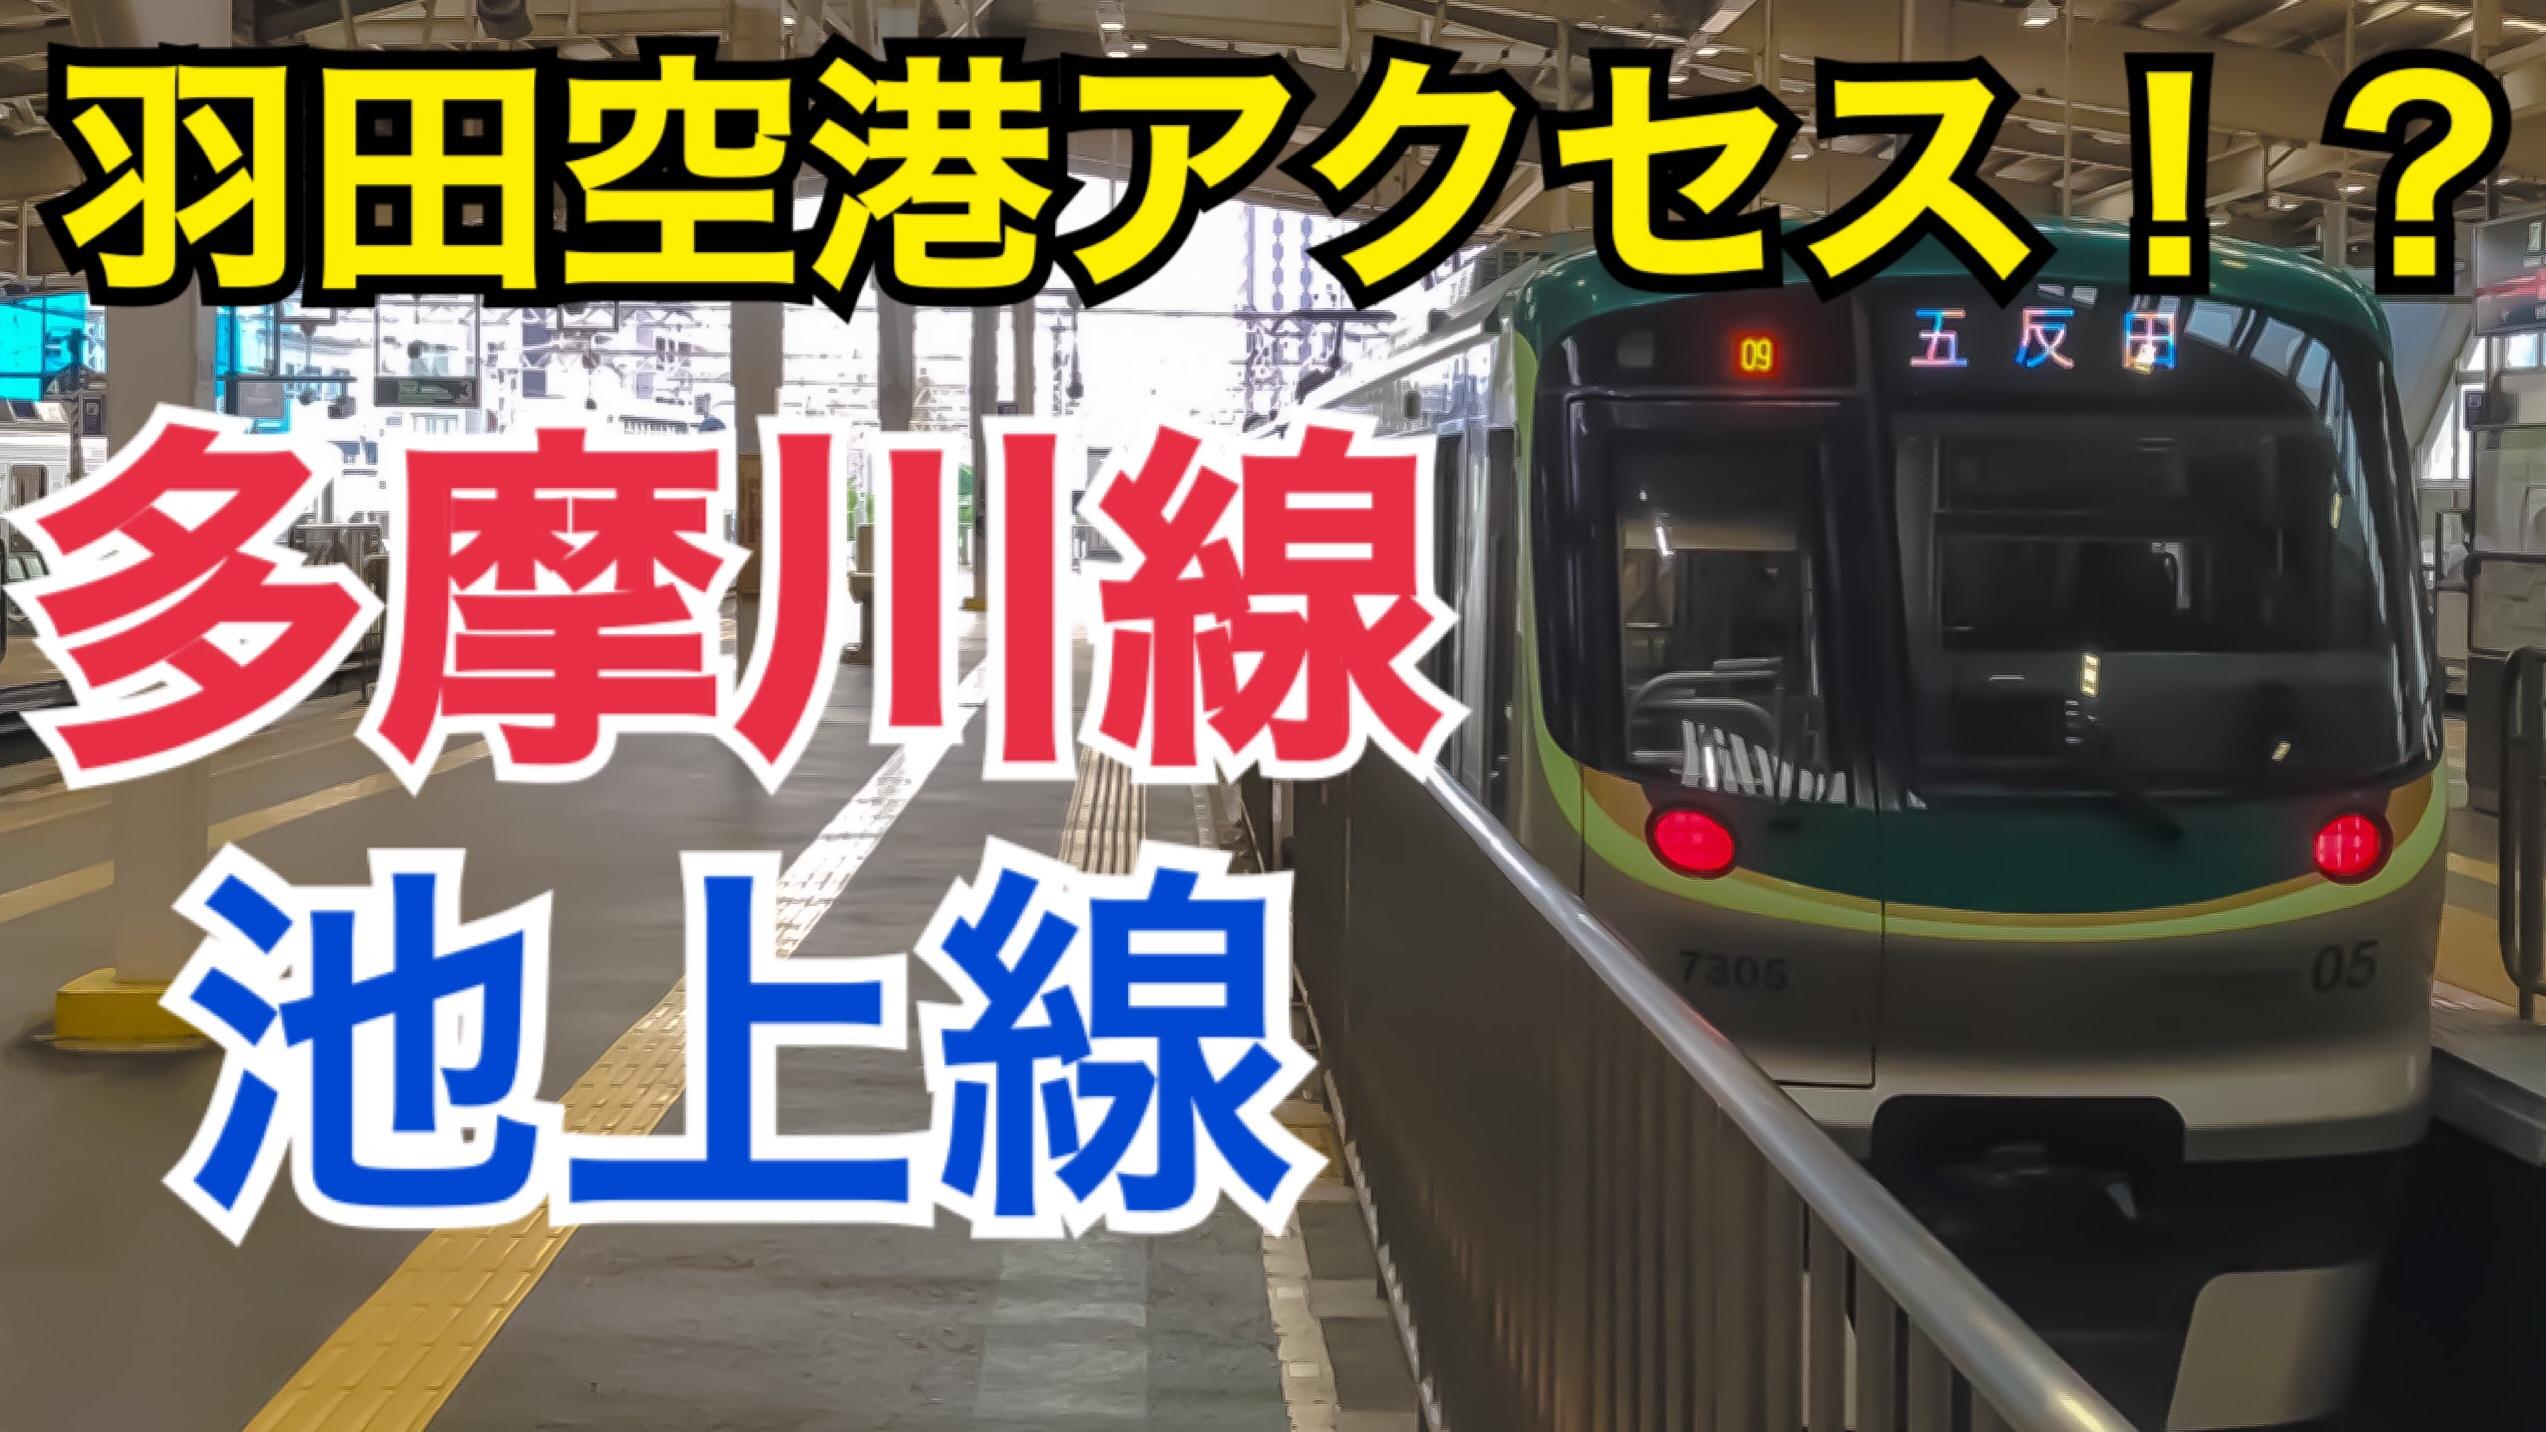 羽田空港アクセス線に!?東急多摩川線、池上線乗車記 マイナーだけど、興味深い!【東急全線乗りつぶしの旅】